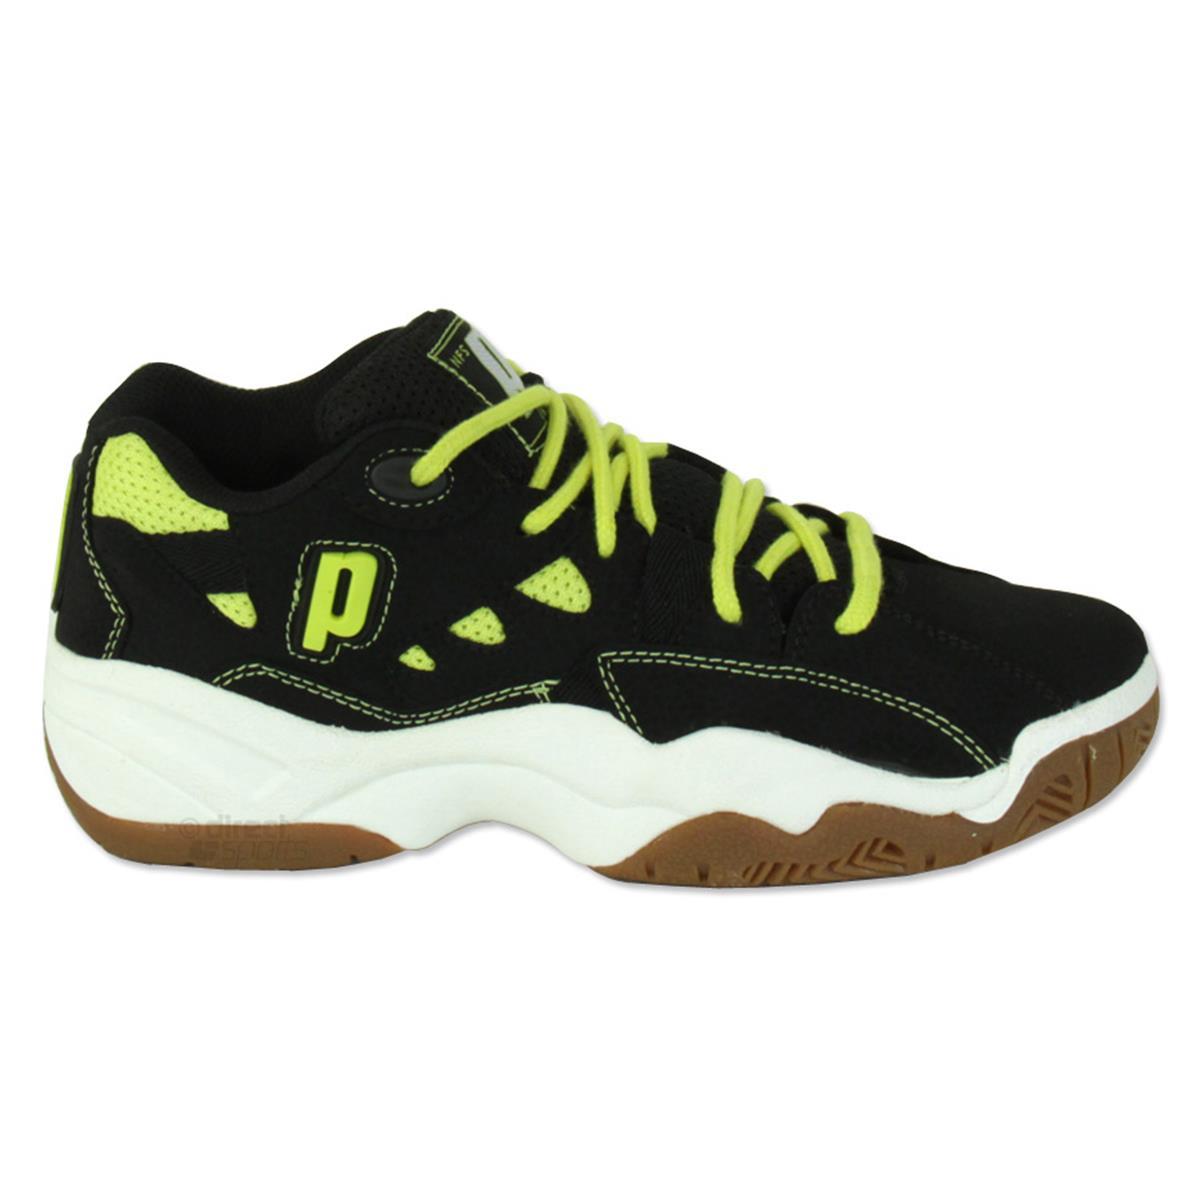 Prince Nfs Indoor Ii Mens Court Shoes